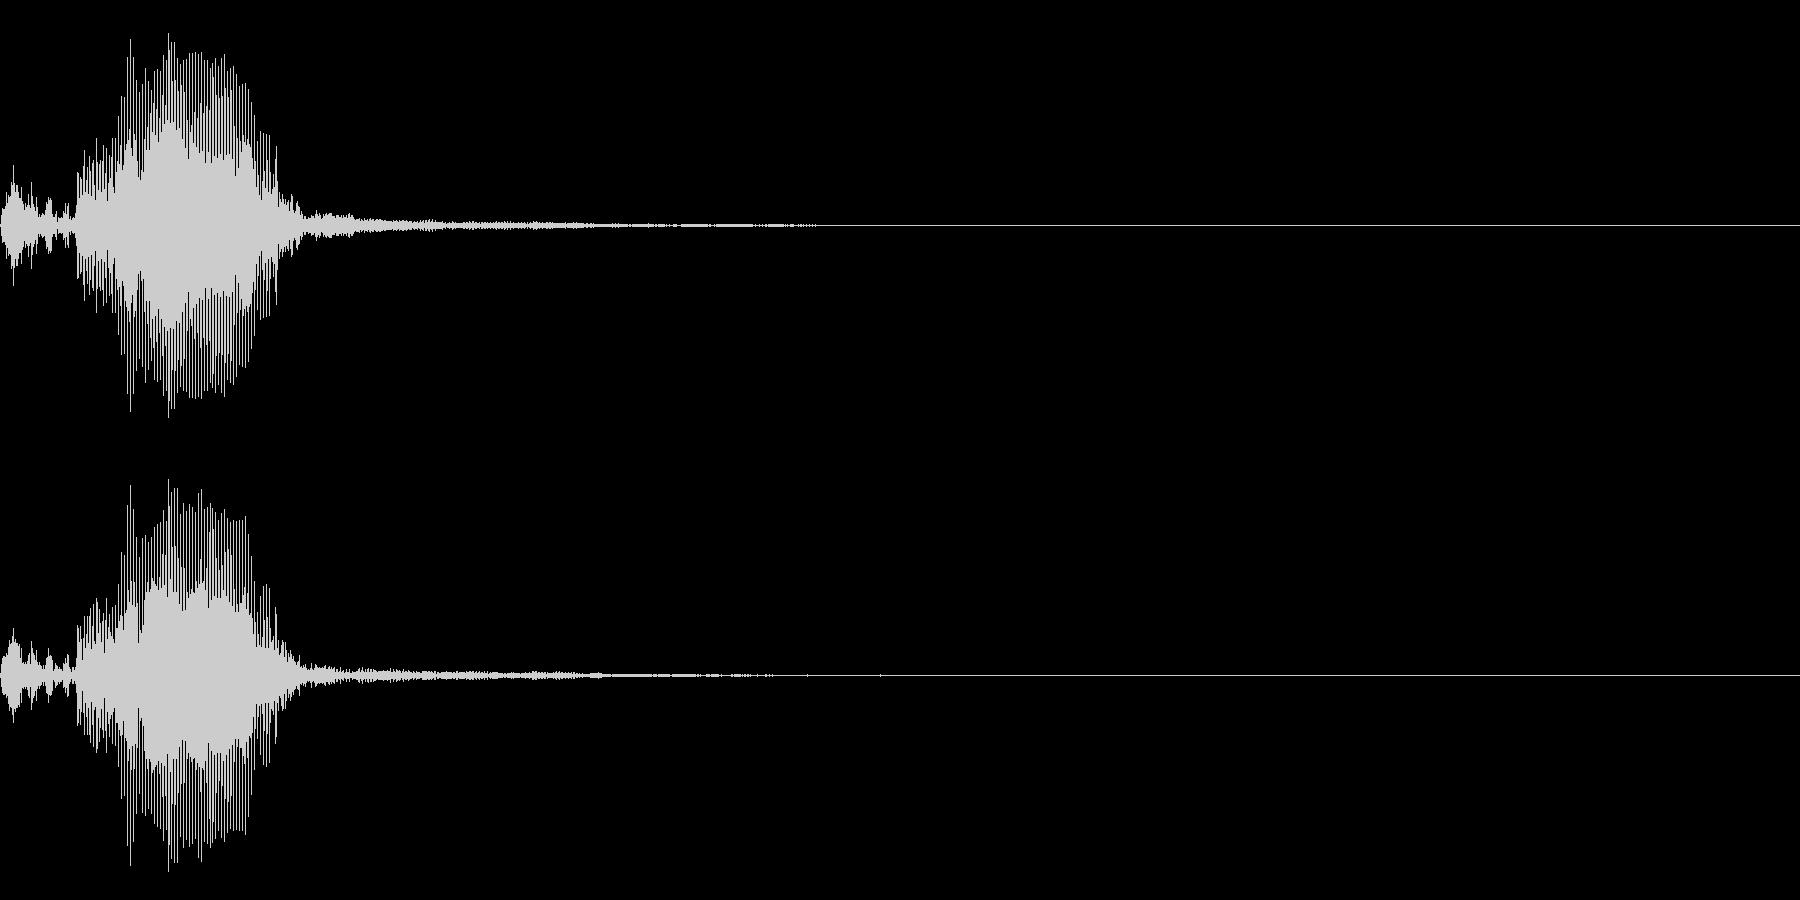 【生録音】フラミンゴの鳴き声 22の未再生の波形